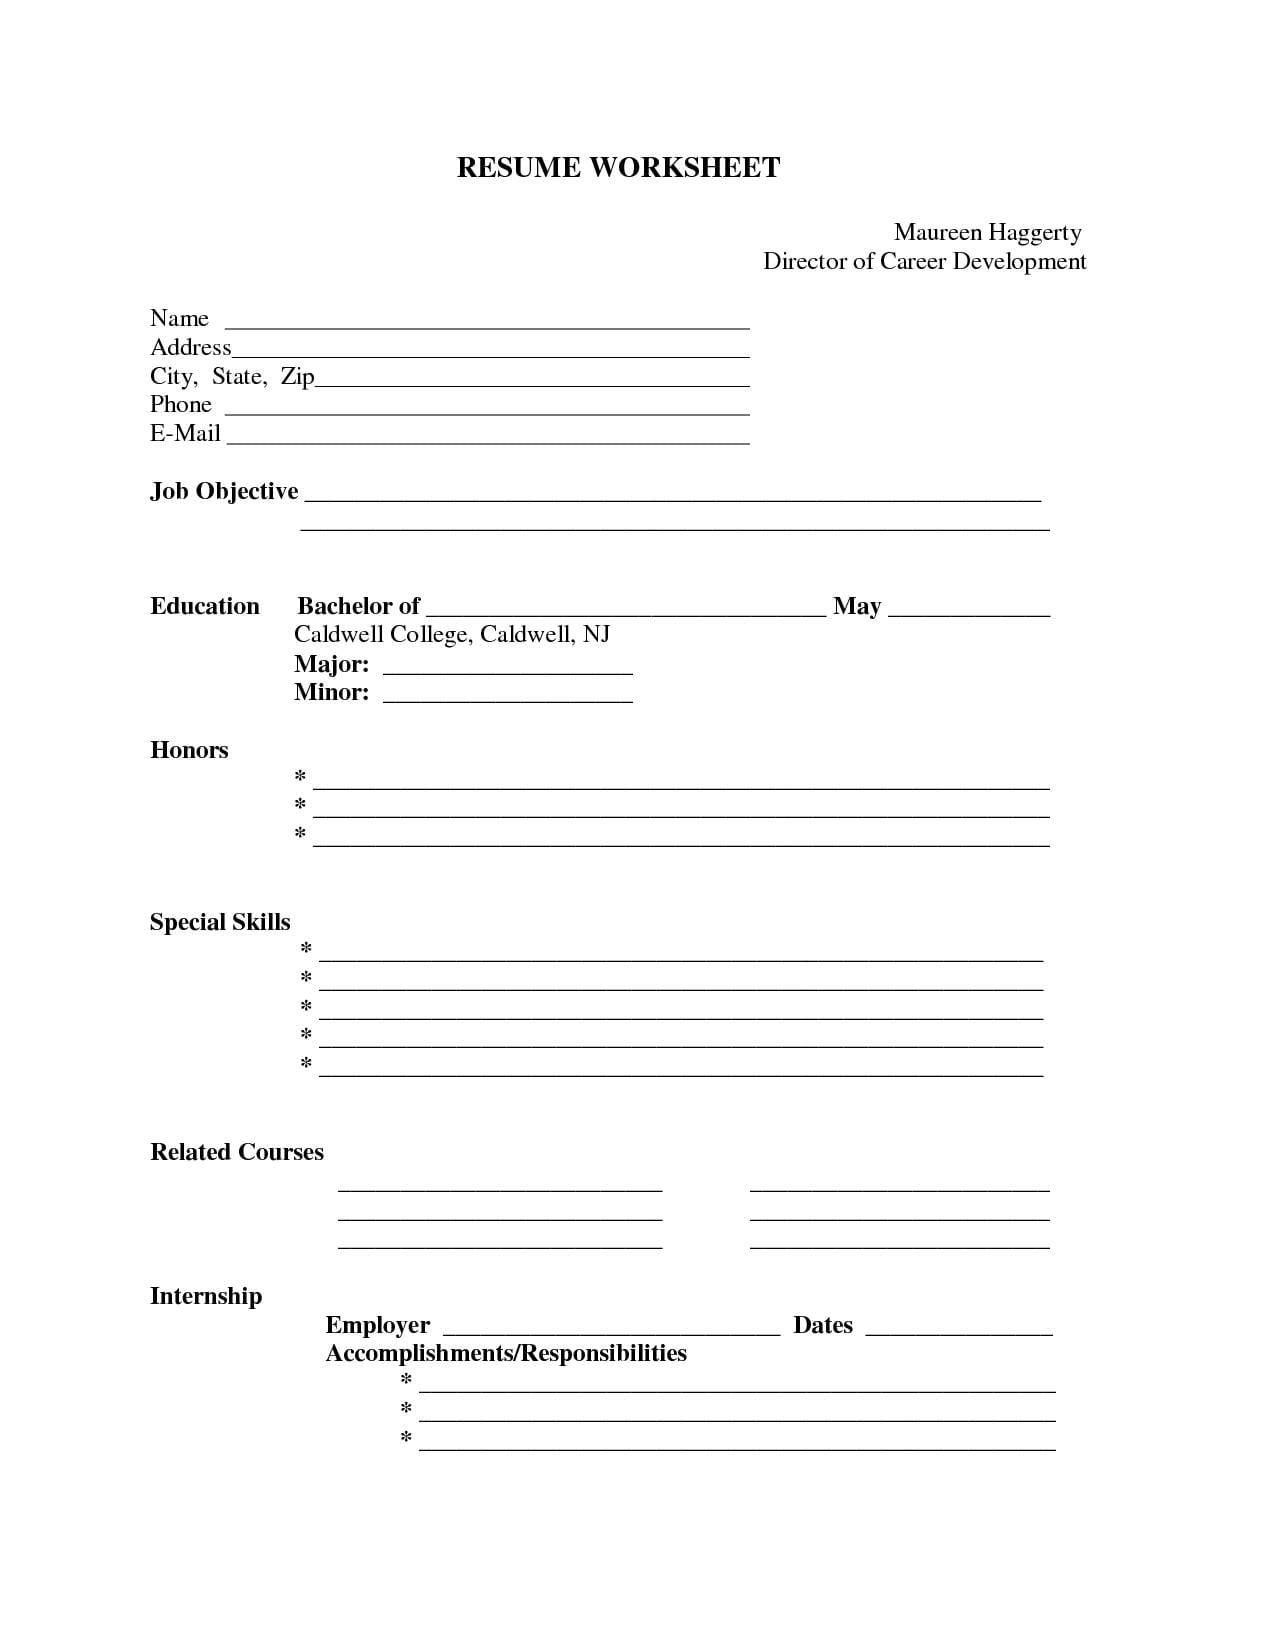 Blank Worksheet Templates For Teacher